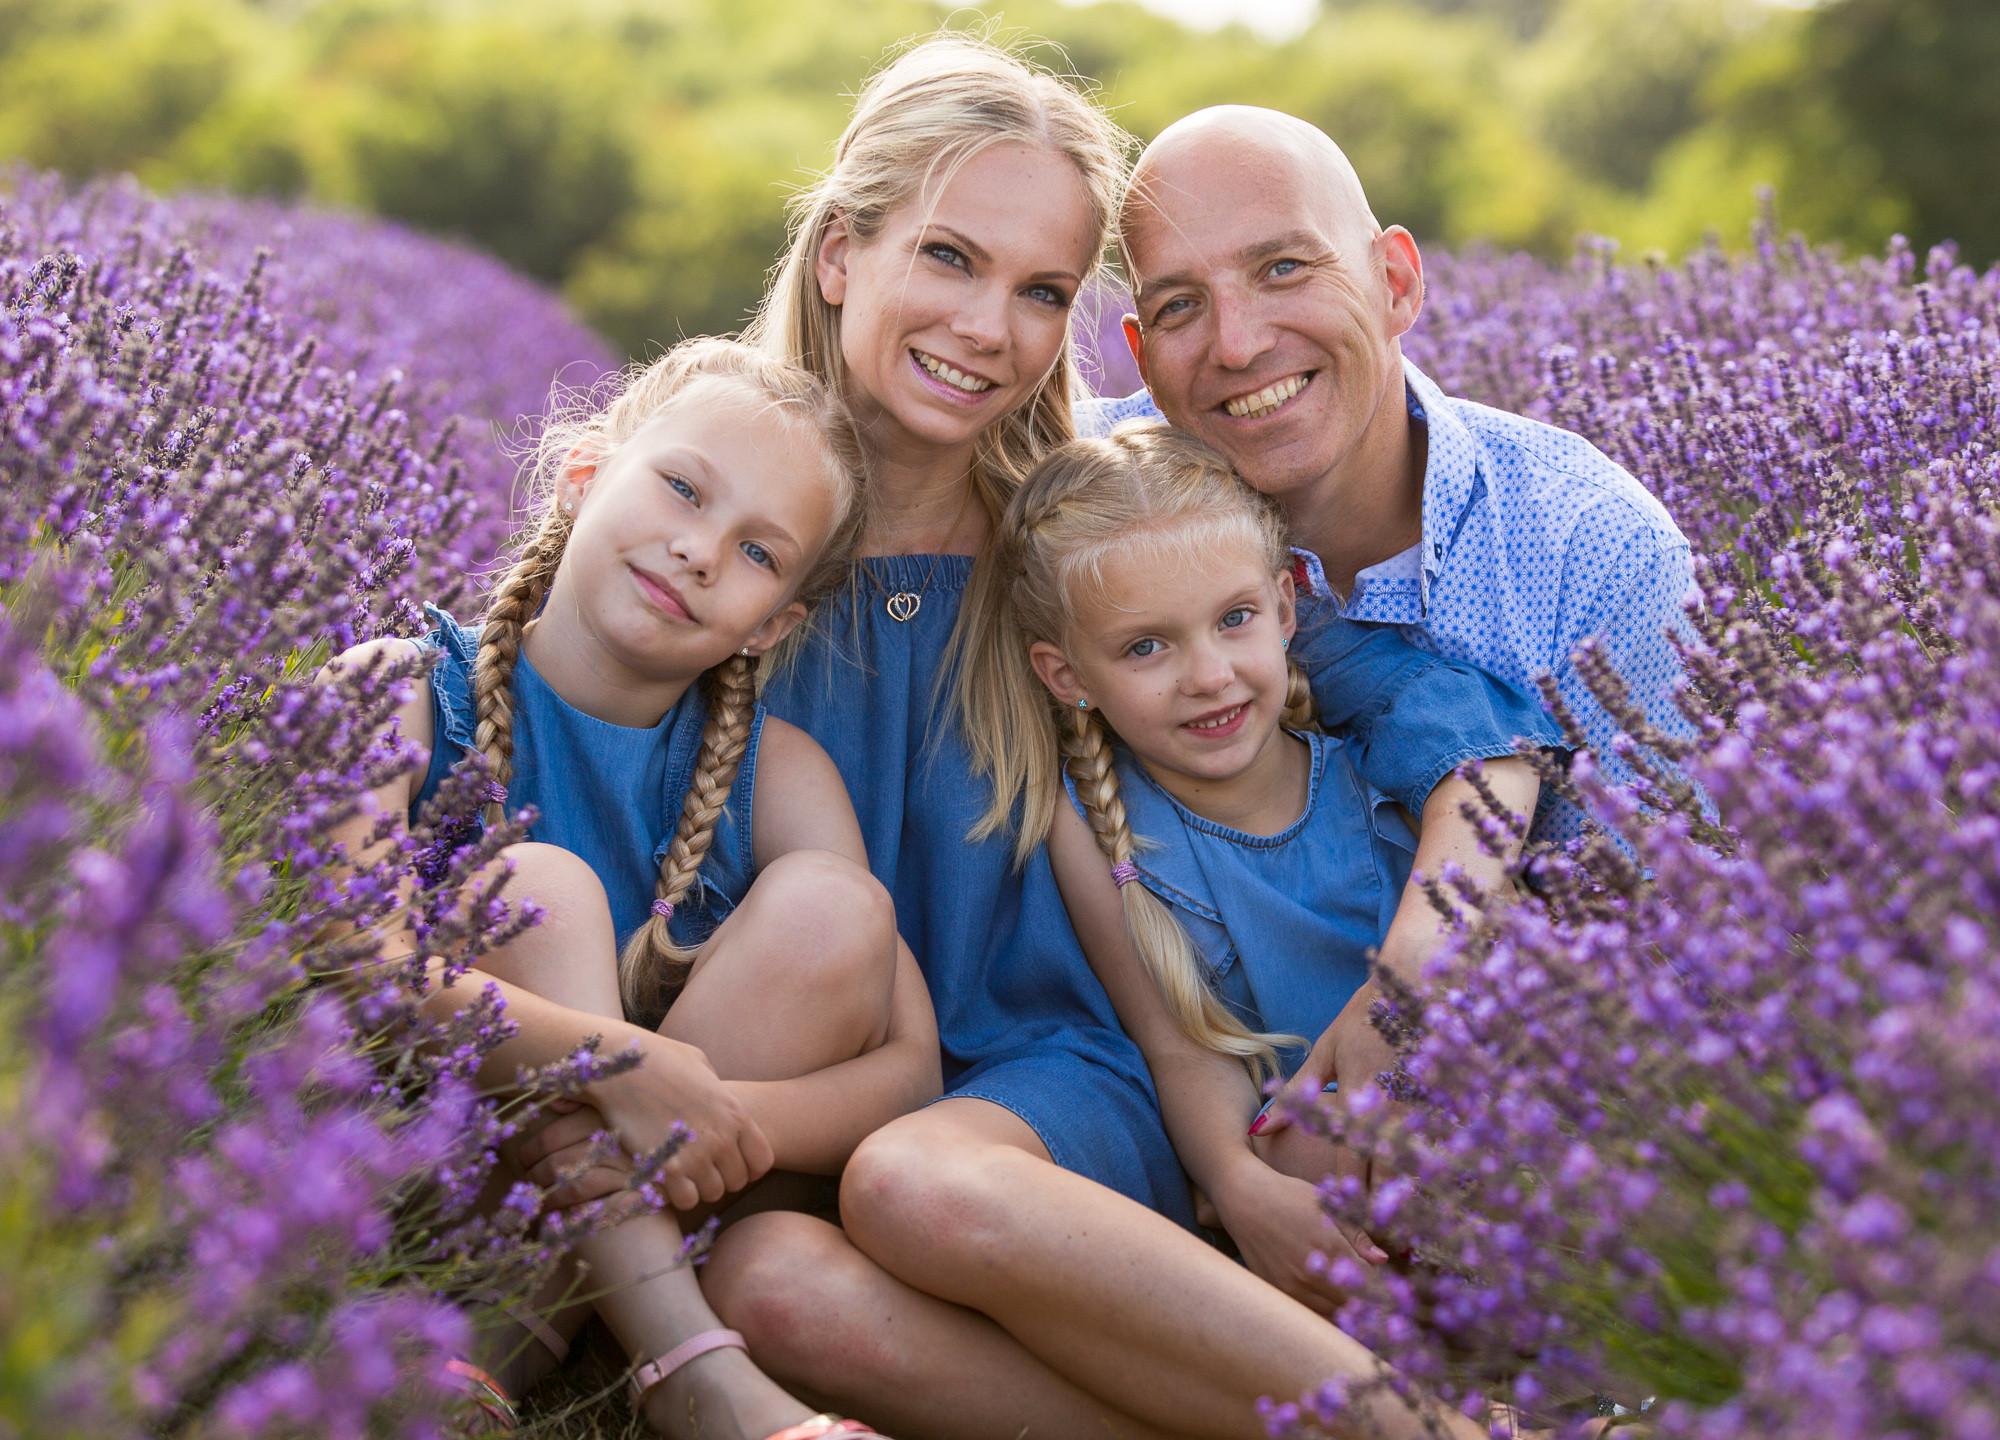 Lavender Photoshoot Clothing Ideas